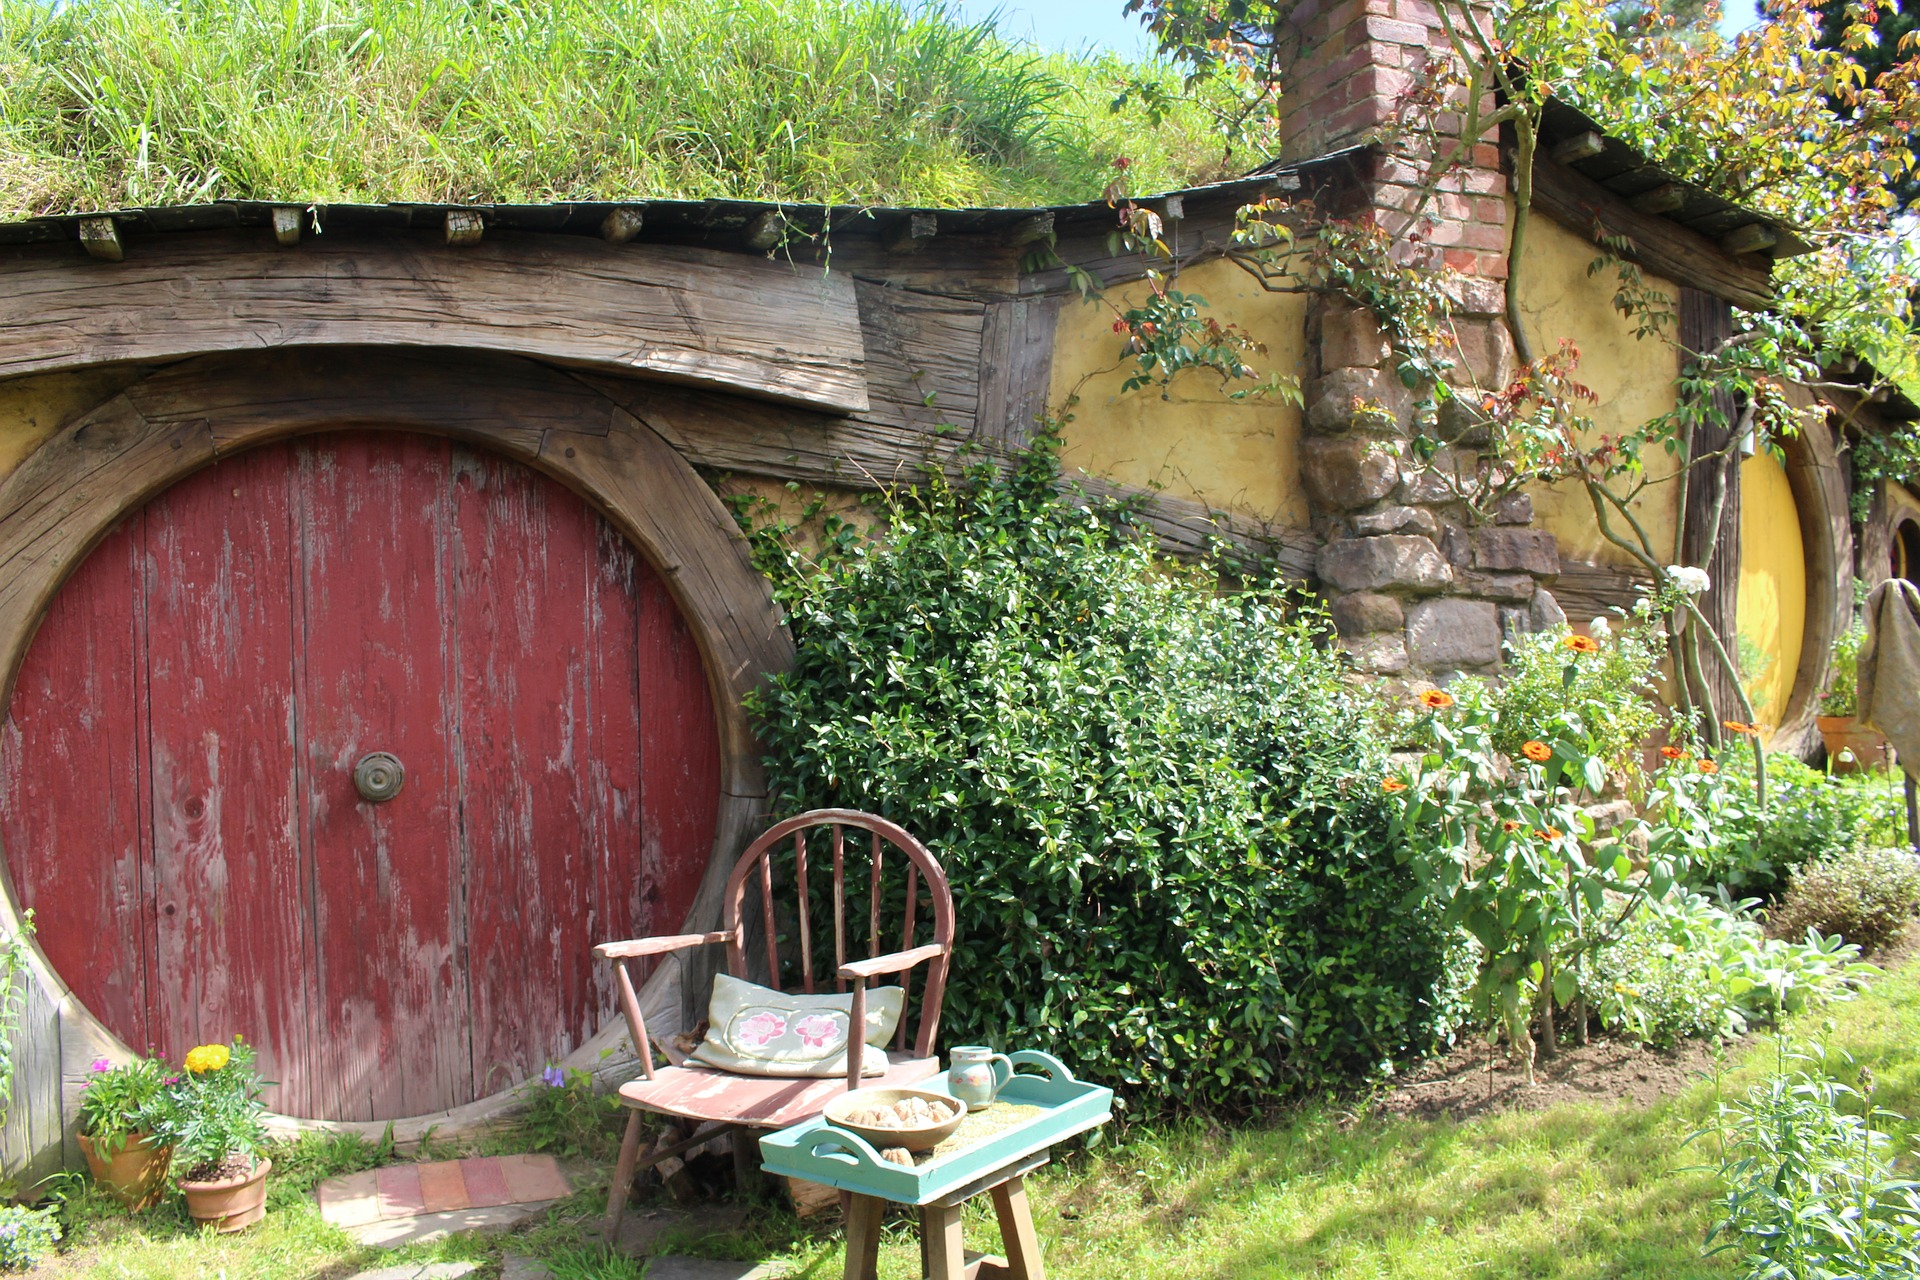 hobbiton-1586978_1920